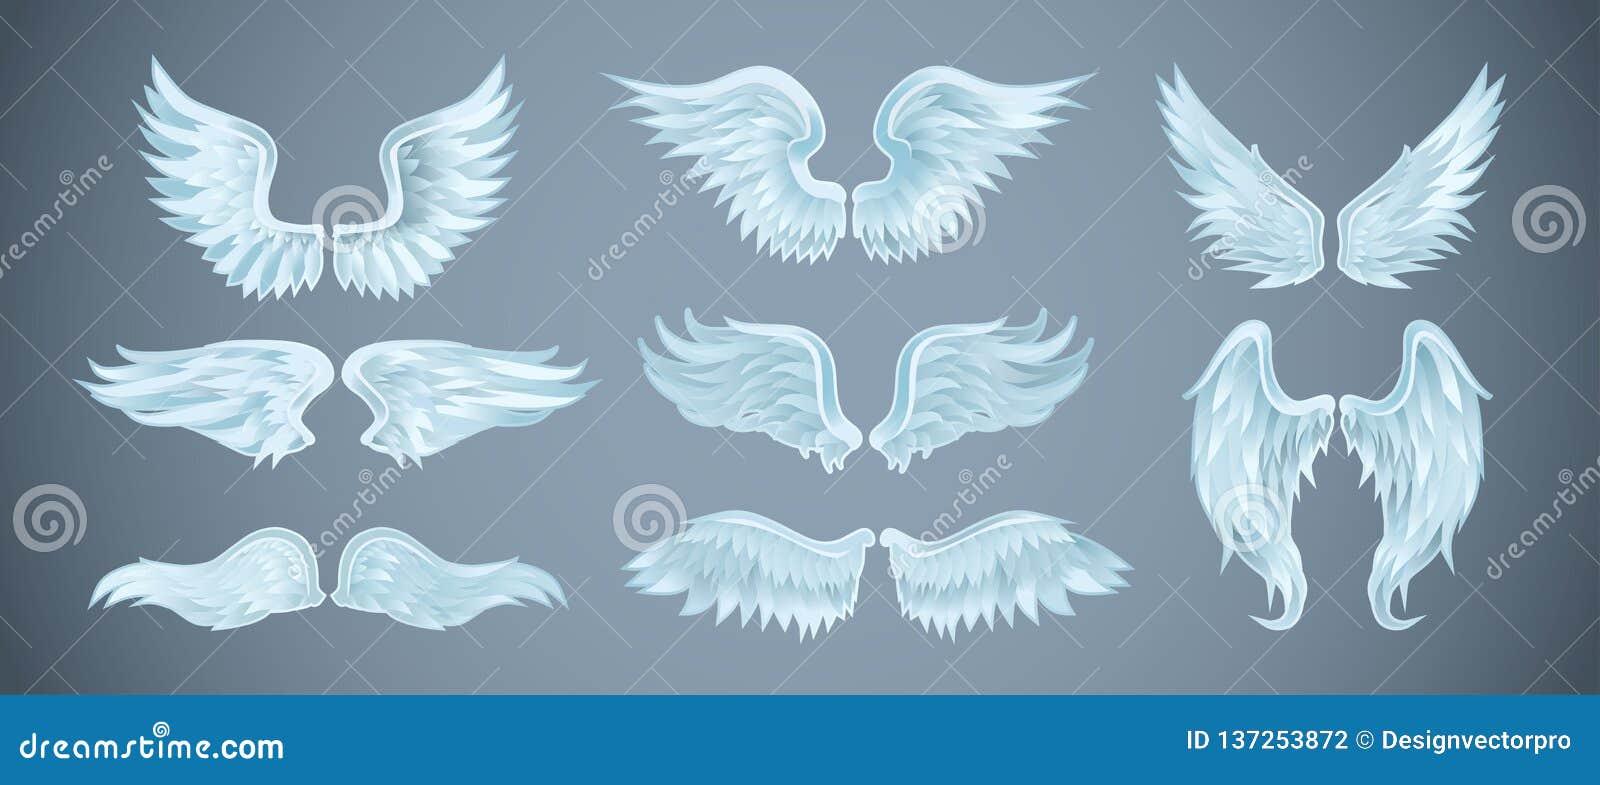 Reeks engelenvleugels met verschillende vormen Vector illustratie